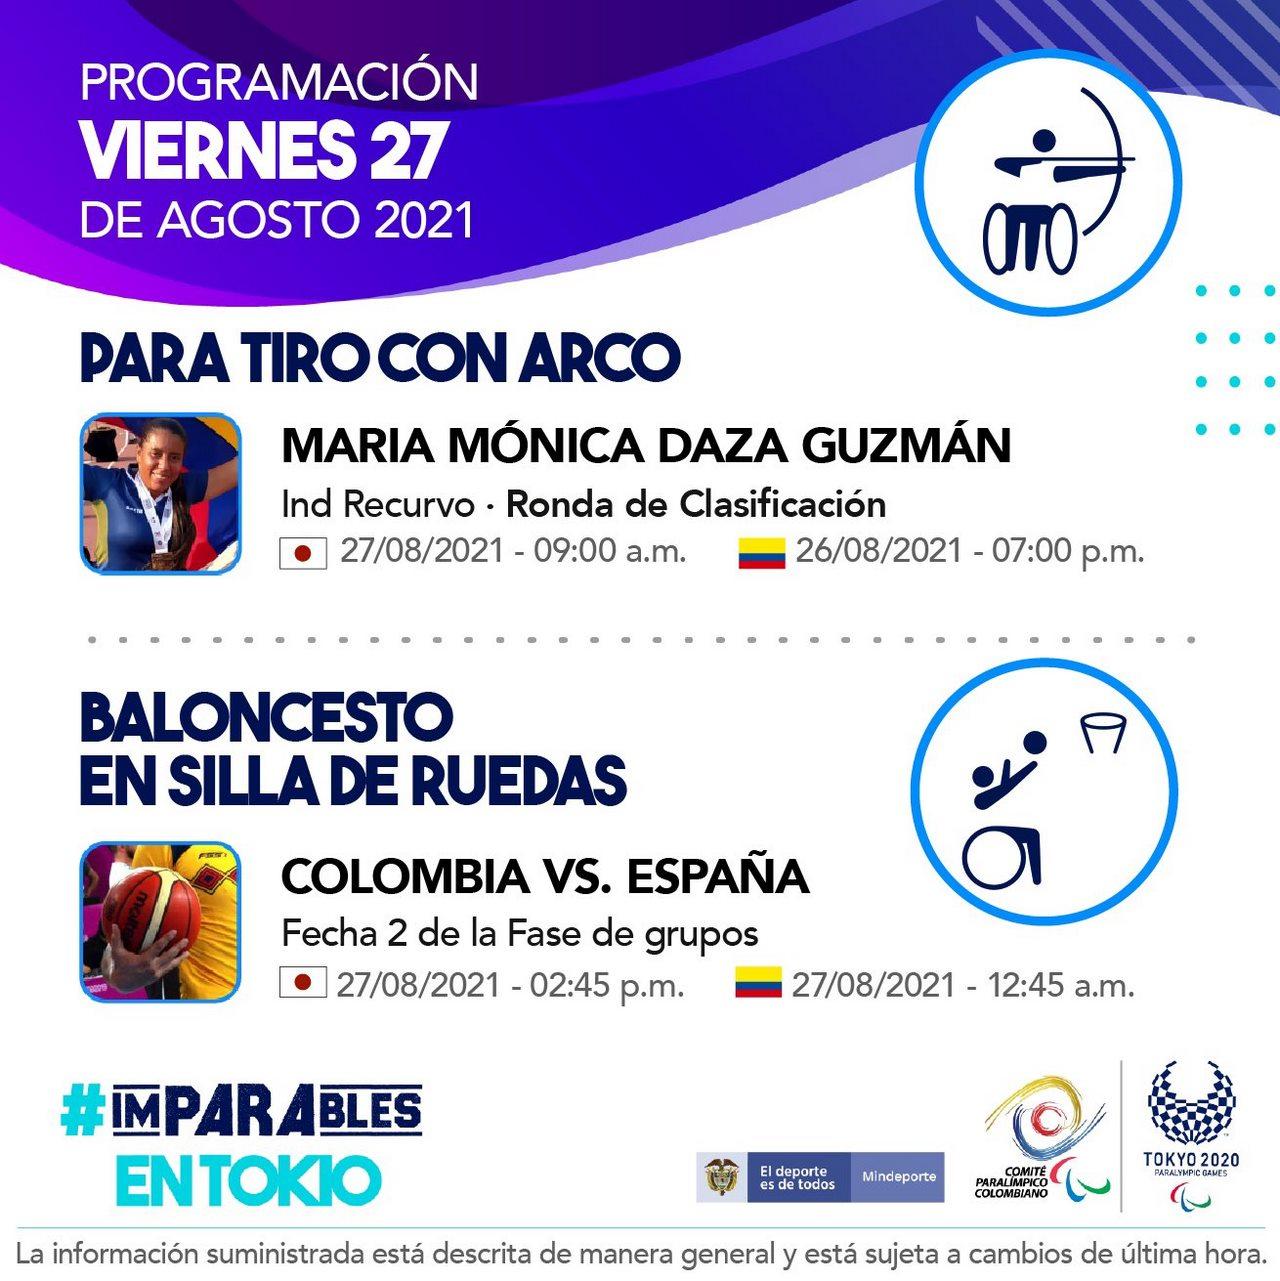 Programacion de los deportistas colombianos para tercera jornada Juegos Paralimpicos 2